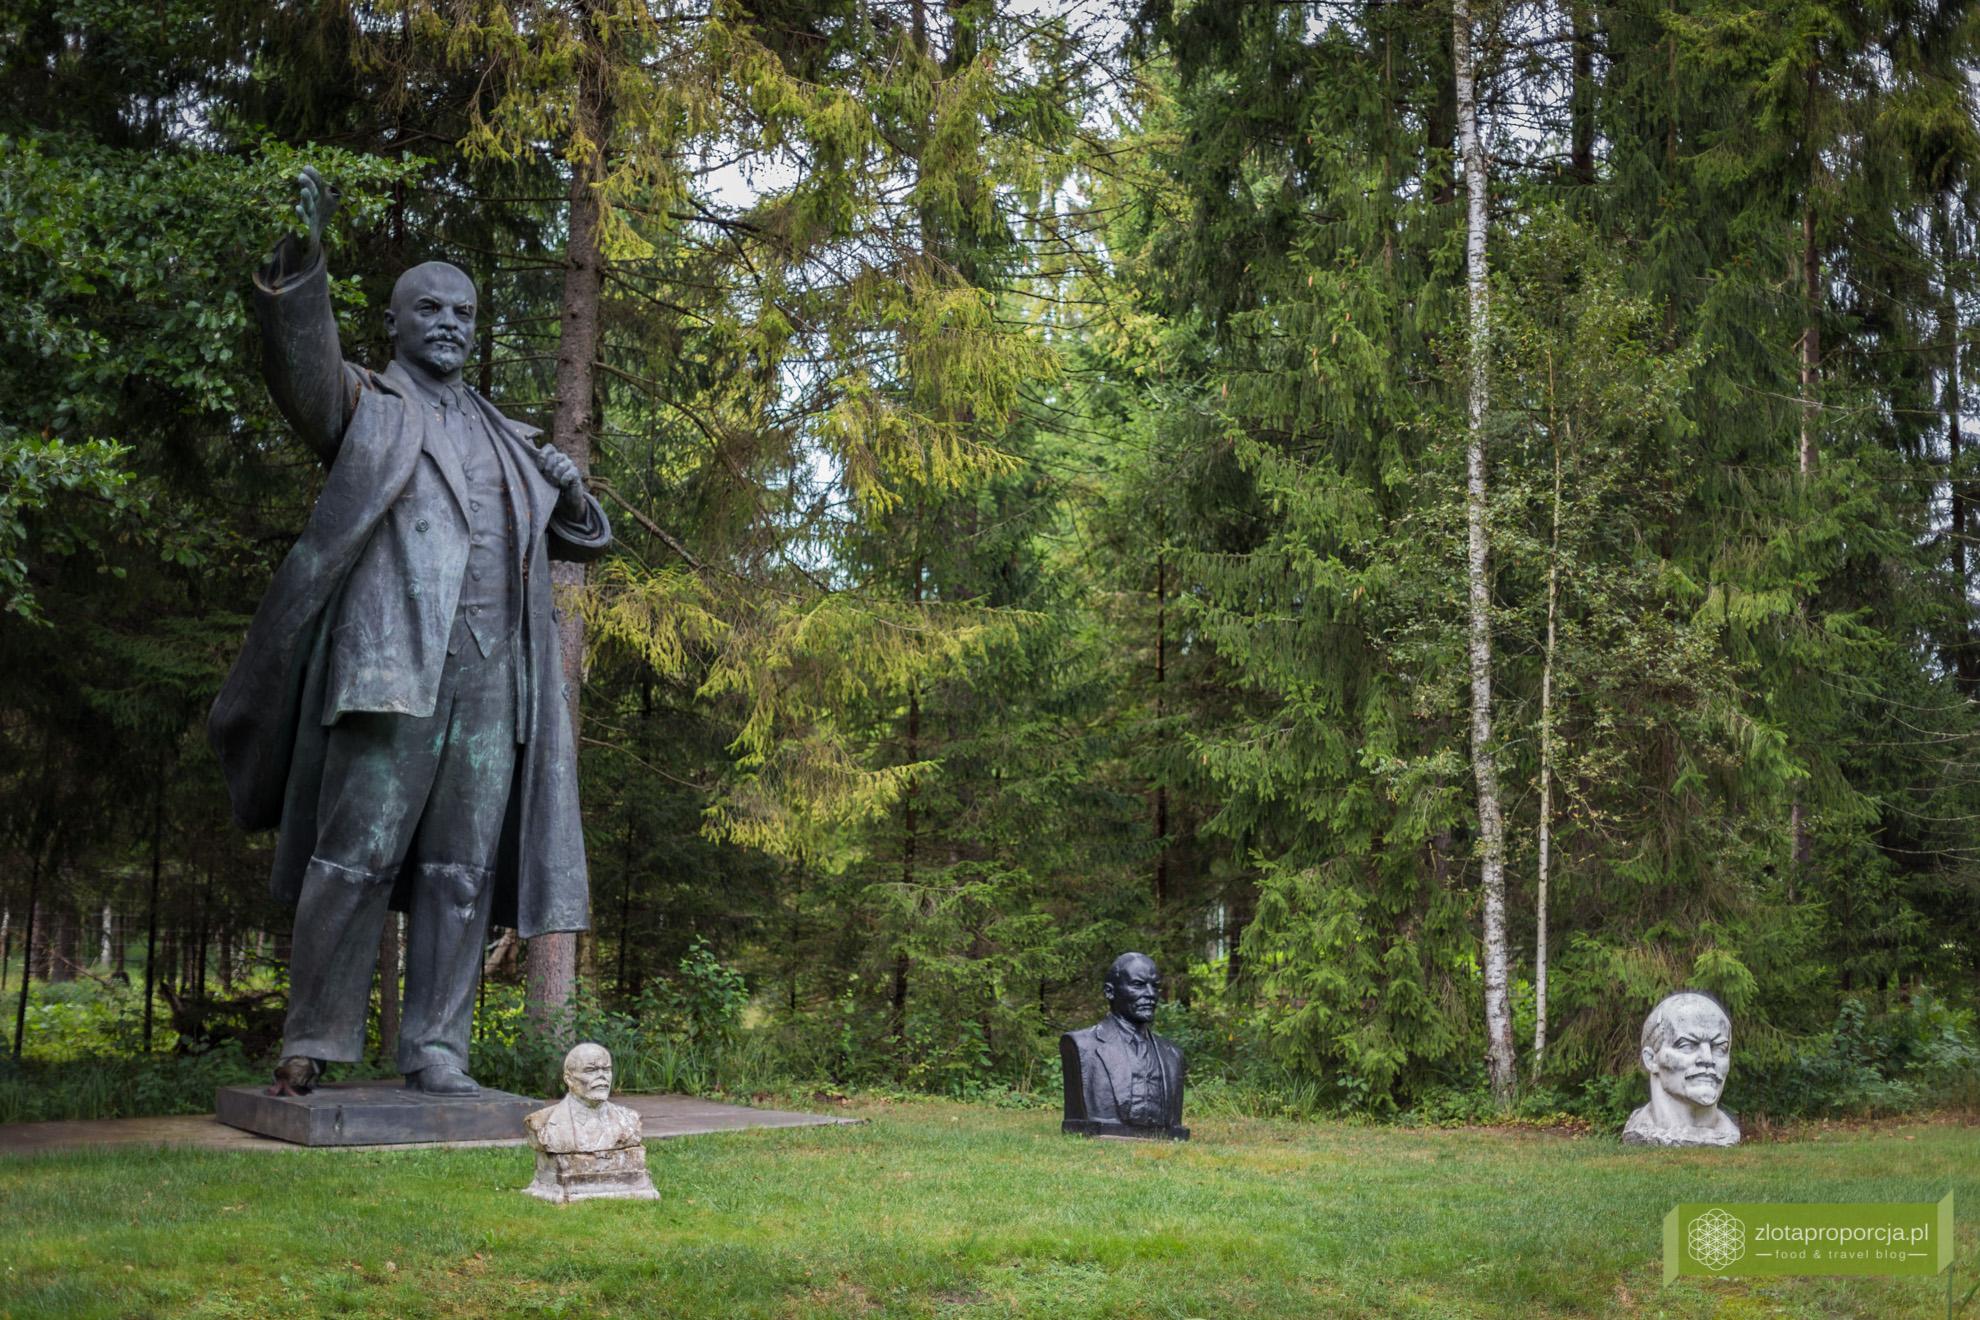 Grutas Park, Muzeum Pomników Radzieckich, Litwa, atrakcje Litwy, okolice Druskienników,  Druskienniki atrakcje